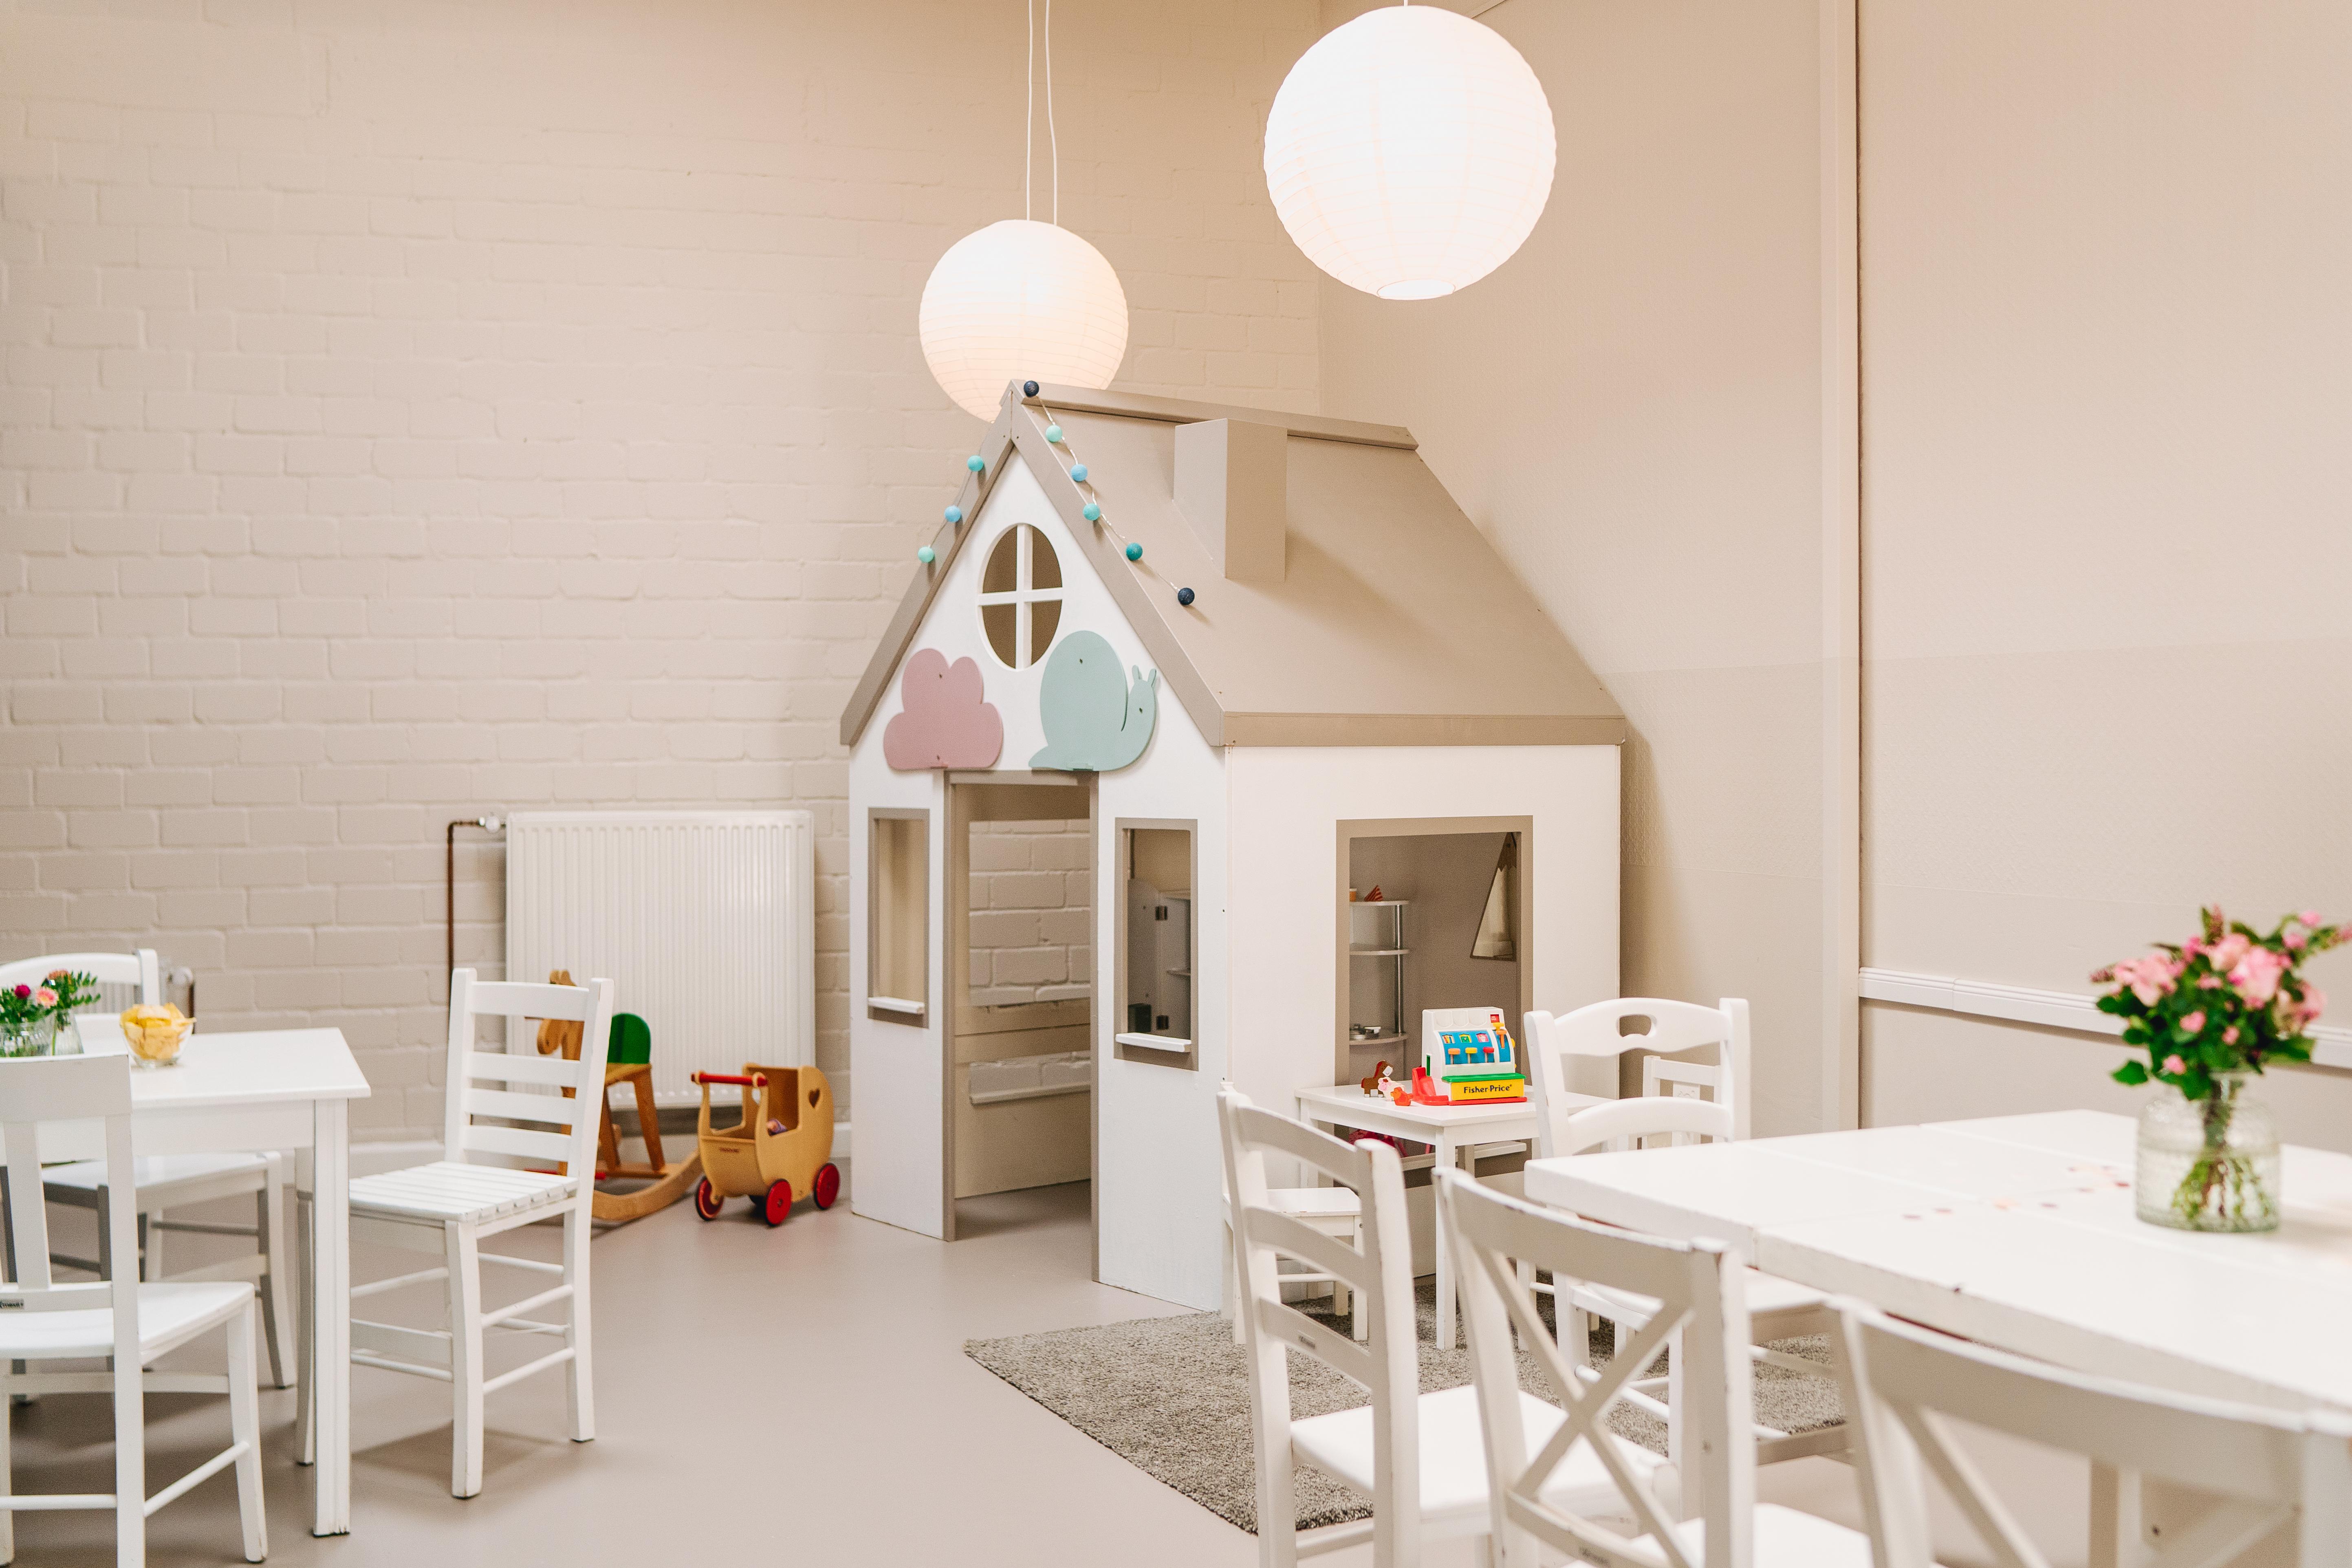 Kinderspielcafé